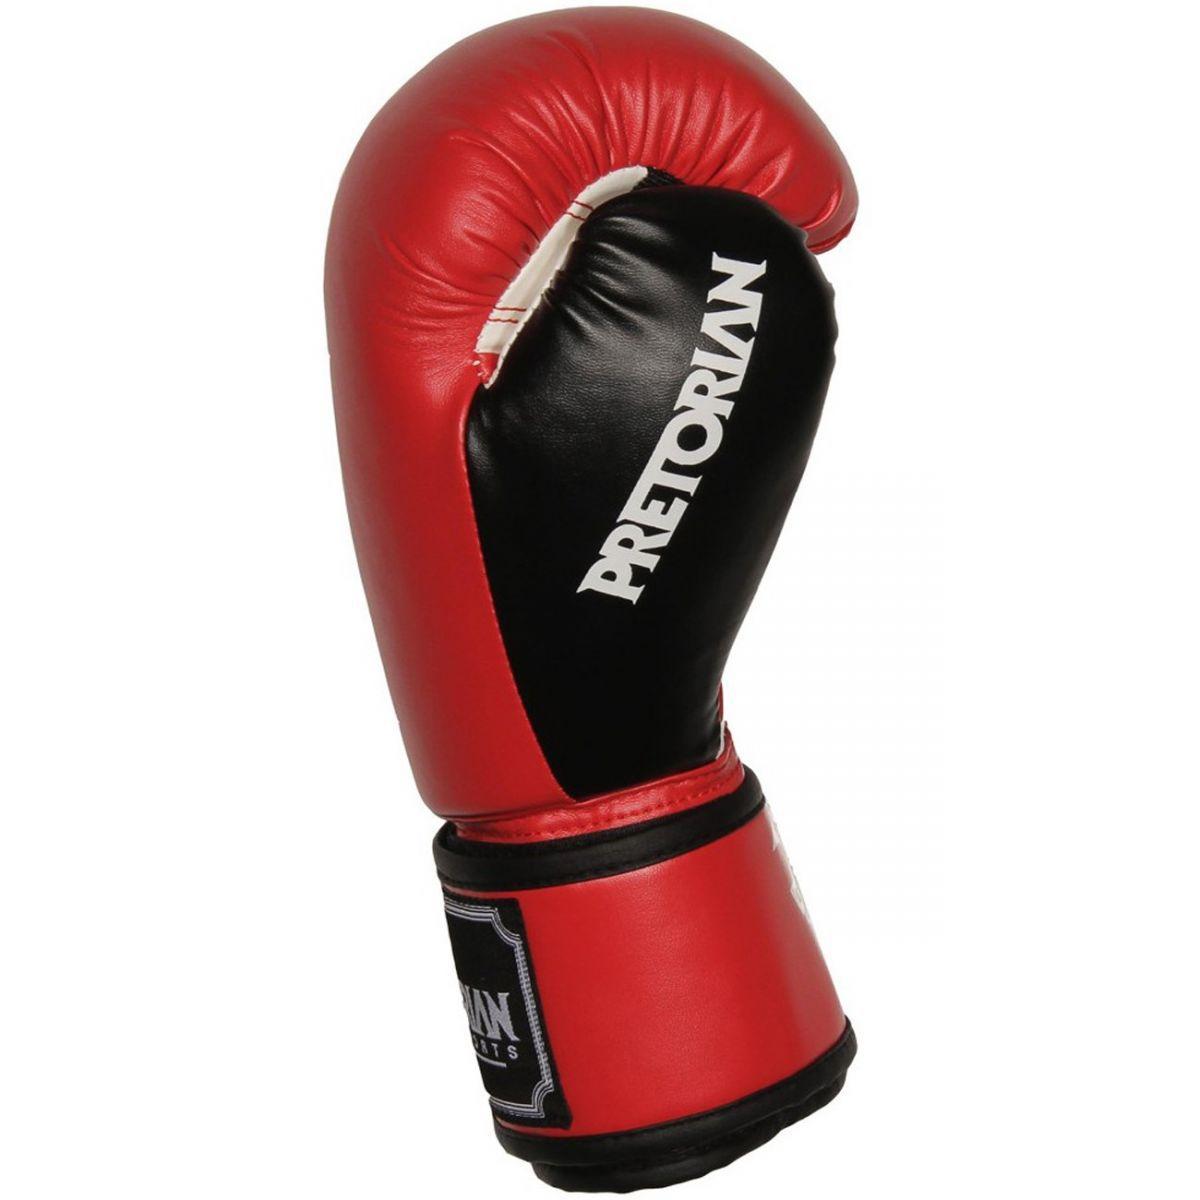 Luvas Boxe / Muay Thai - Training Series - Vermelho/Preto- Pretorian - 10/12/14/16 OZ .  - Loja do Competidor